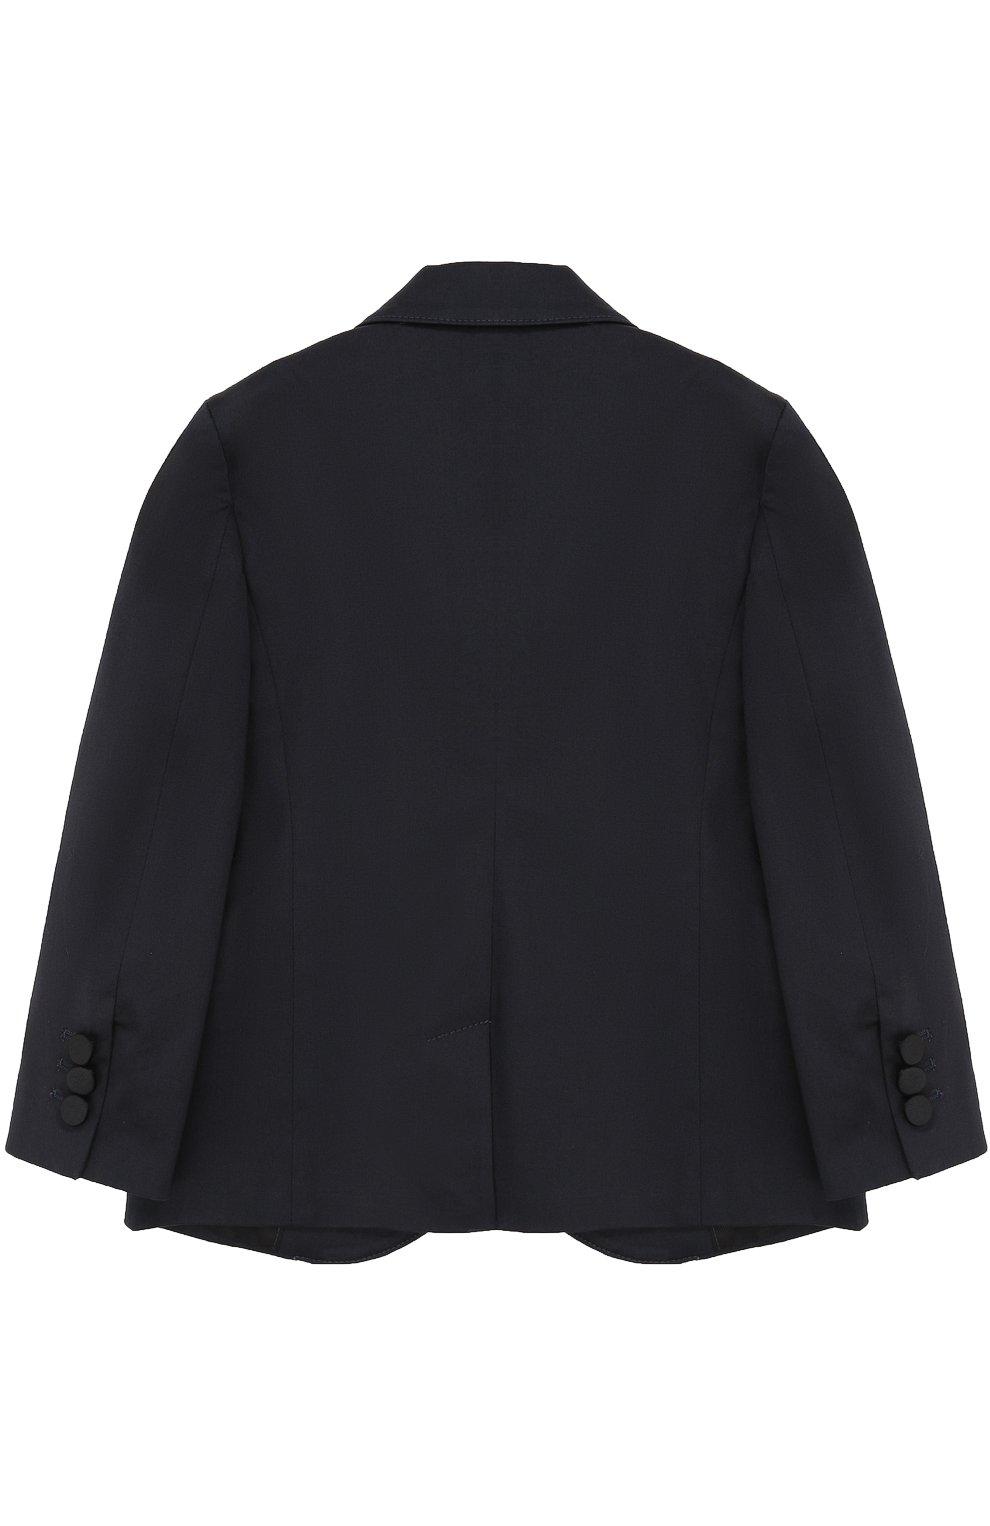 Однобортный пиджак из хлопка с прострочкой   Фото №2